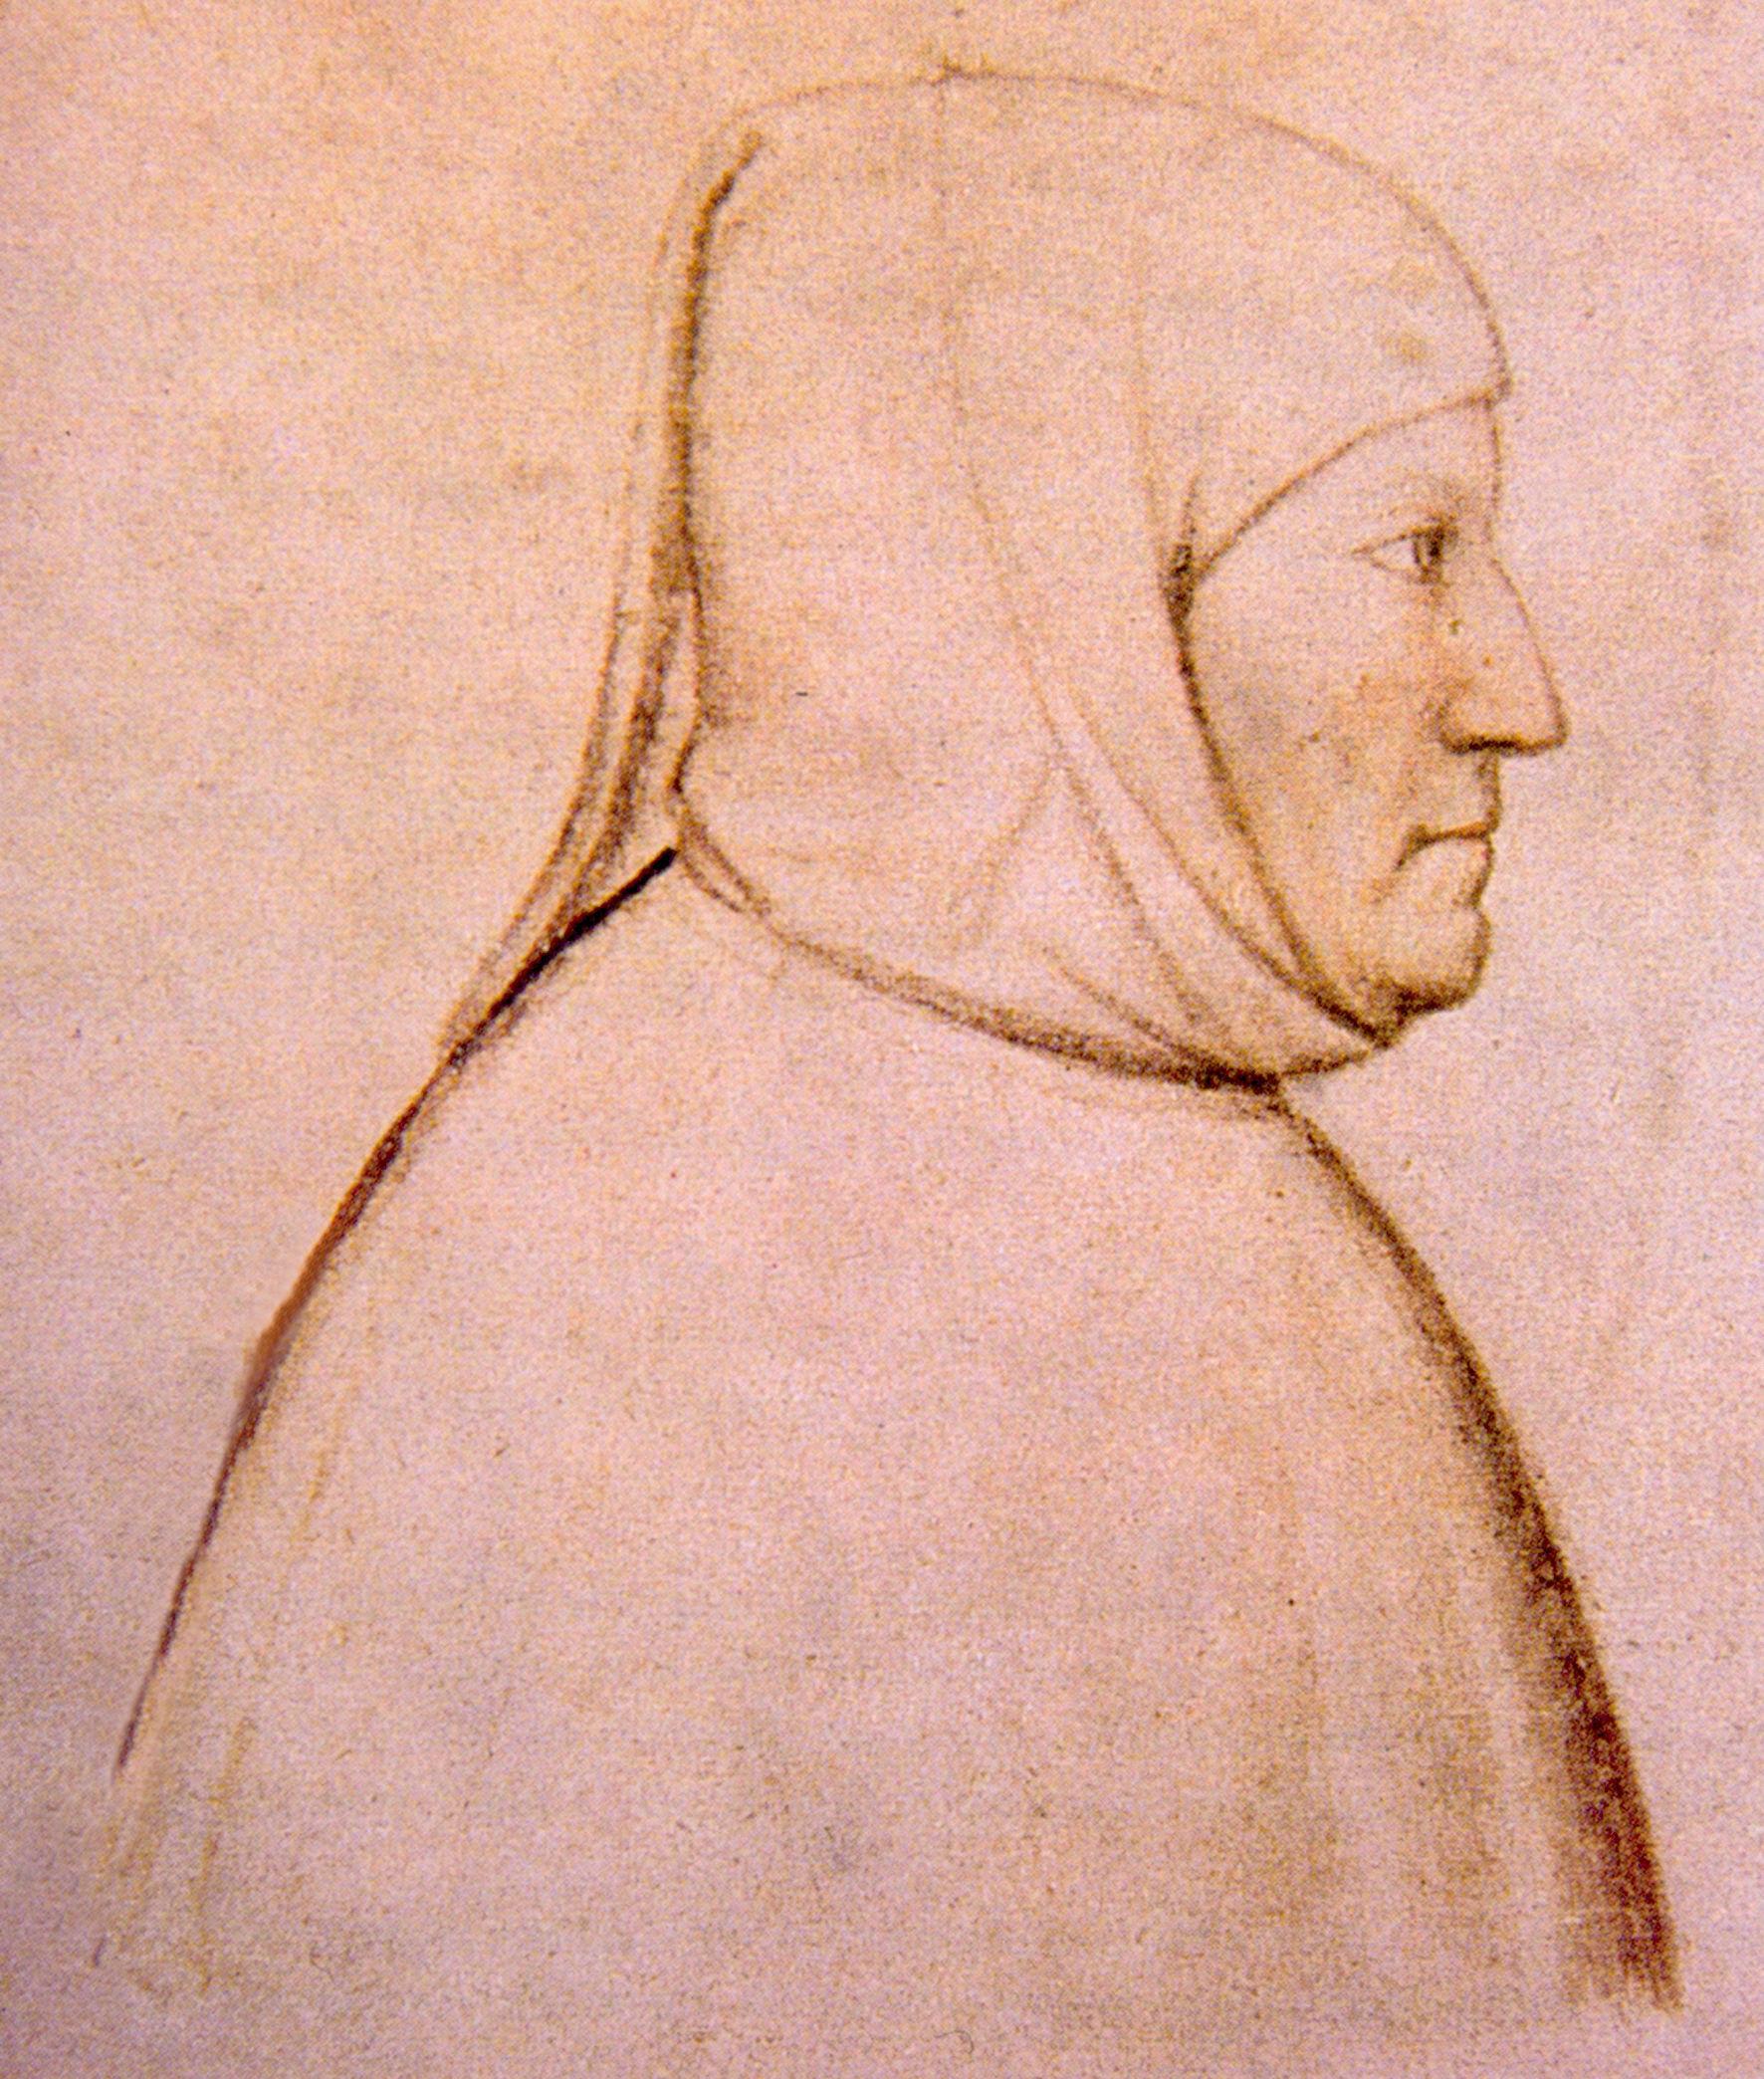 Portrait by Altichiero da Verona (1330-1395). Public Domain